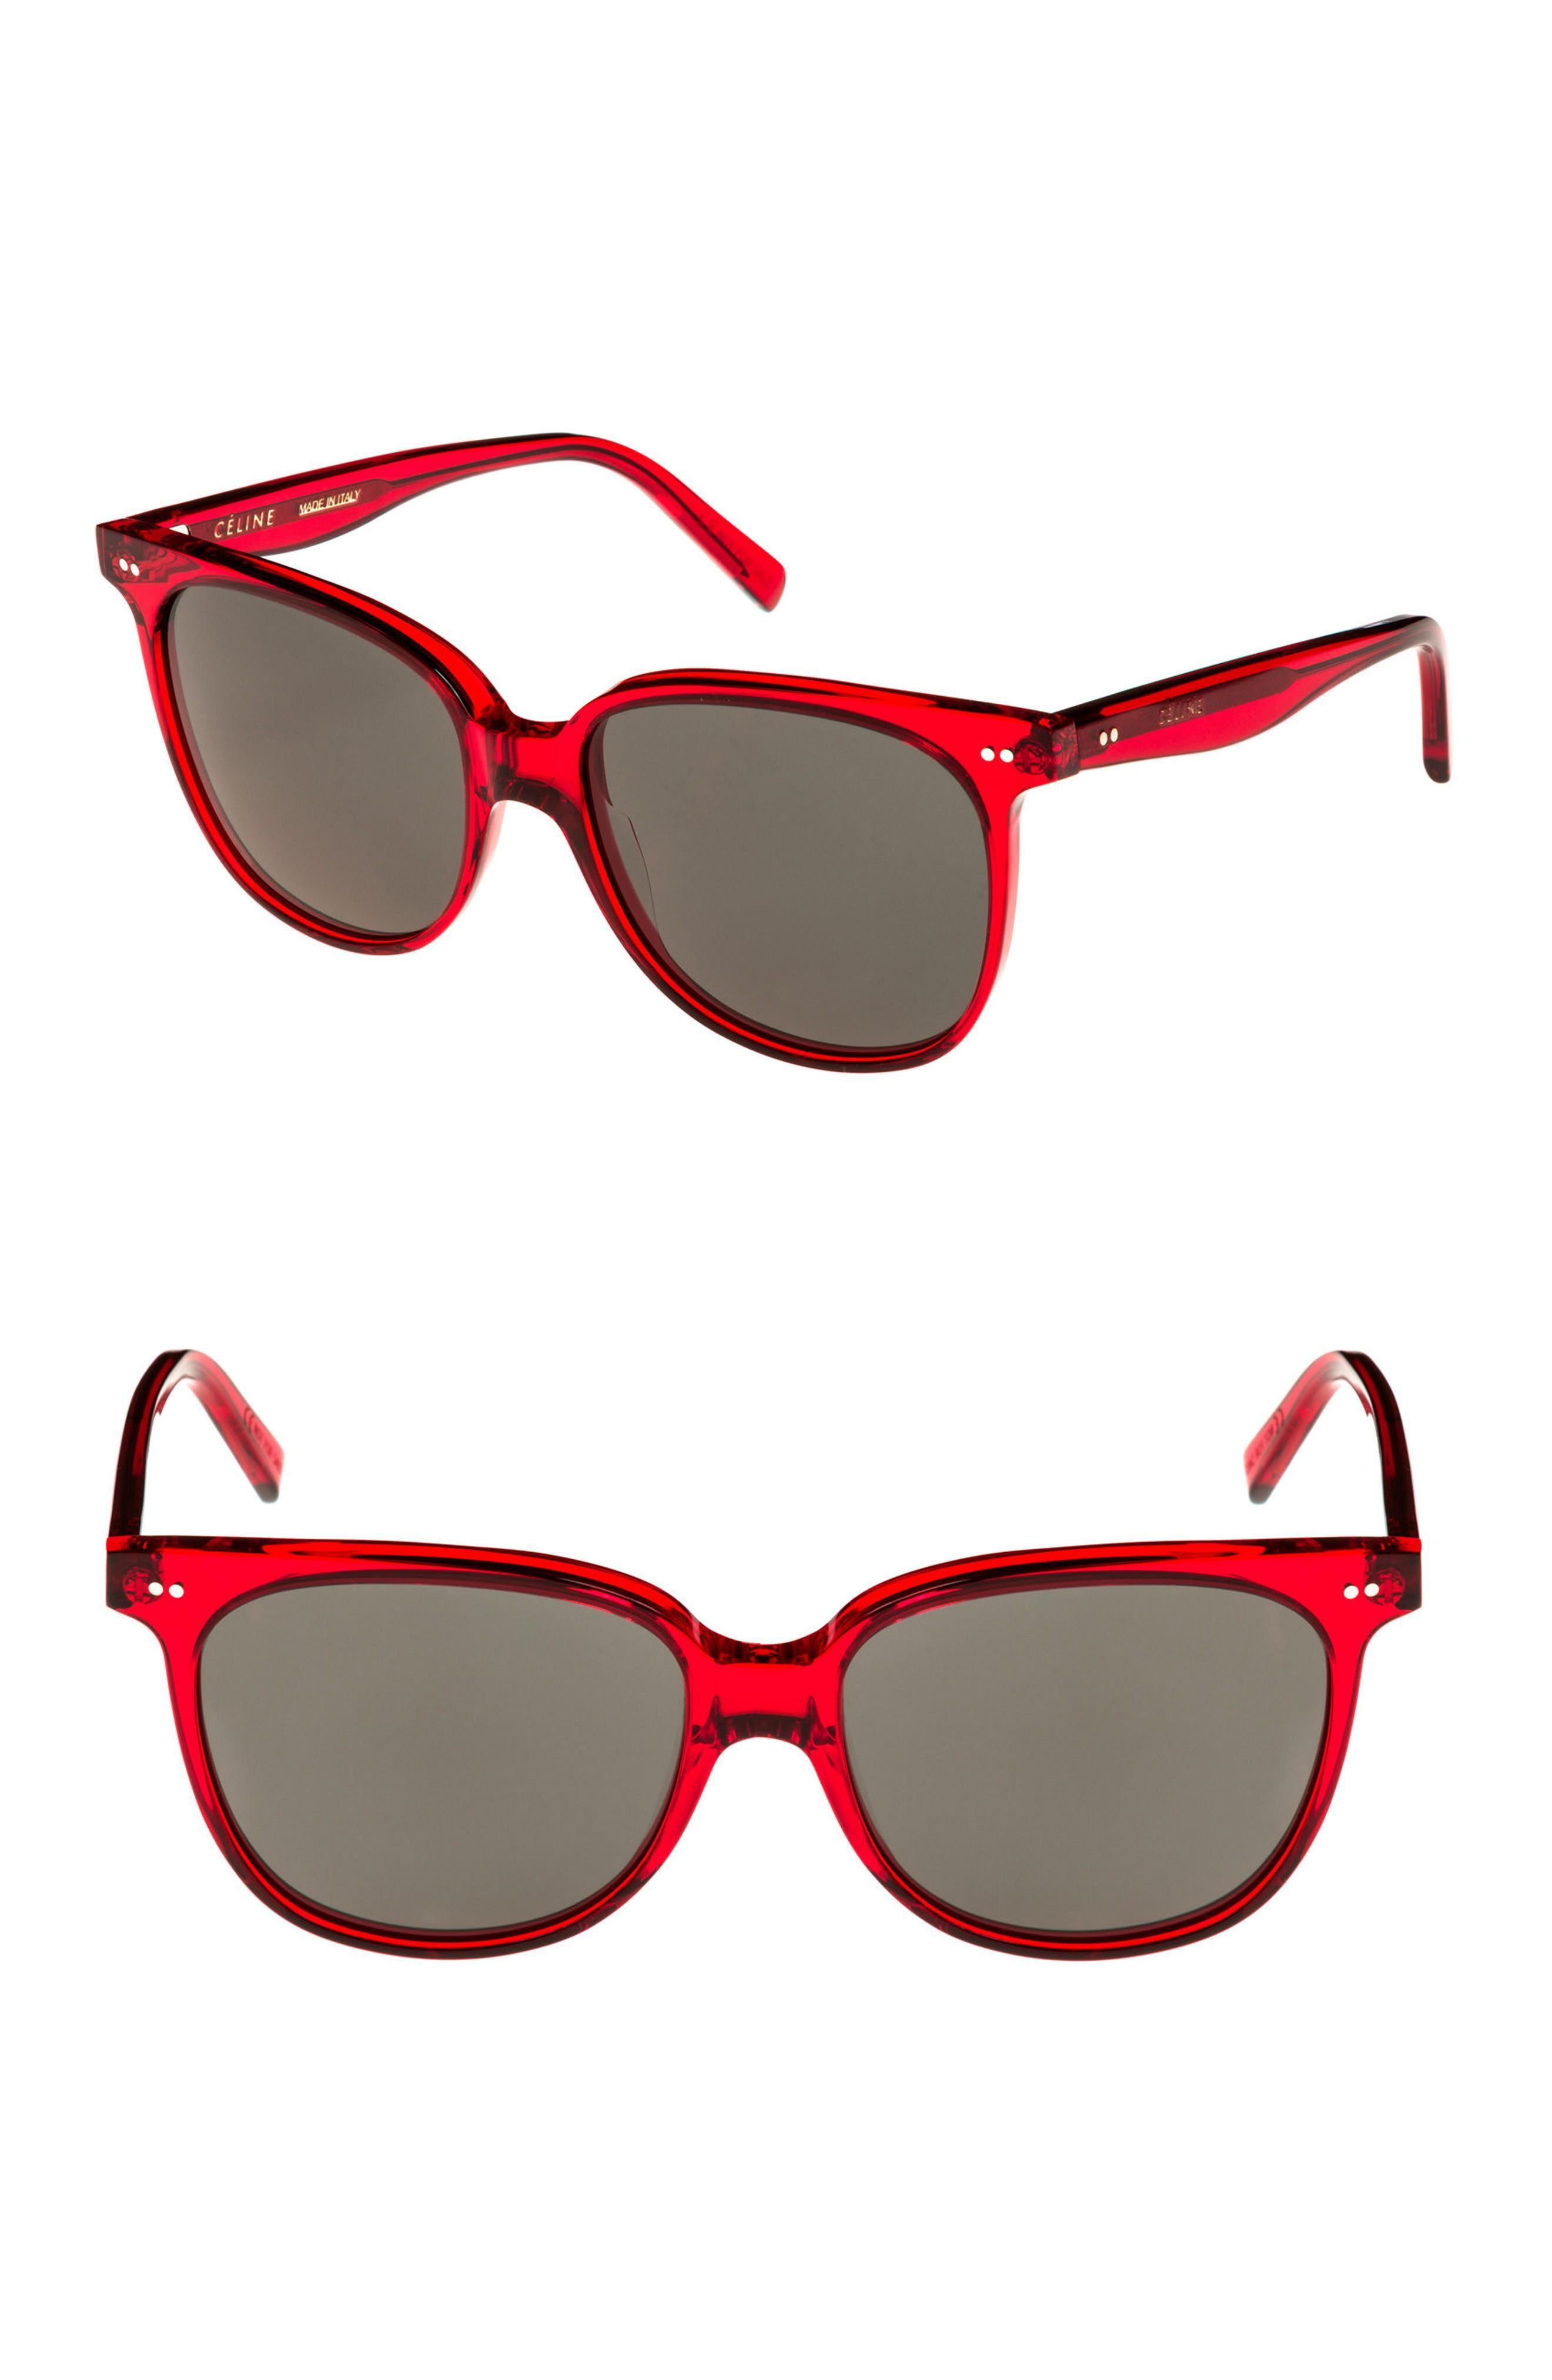 a024e48d3e6 Celine 57Mm Square Sunglasses - Red  Green